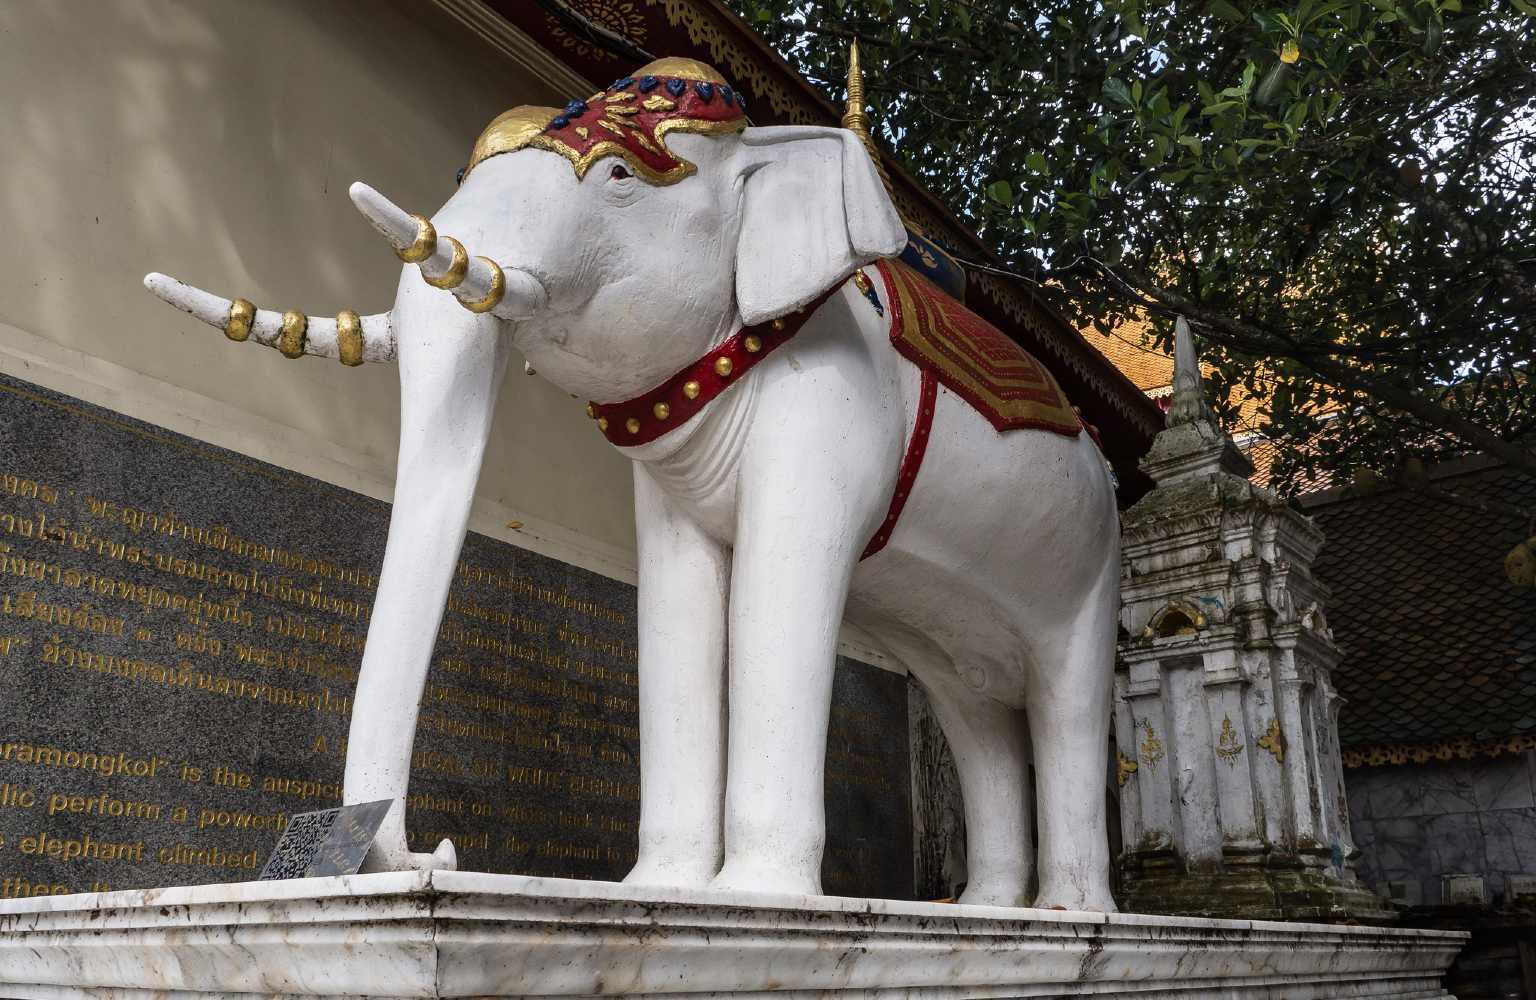 De witte olifant uit de legende van de Wat Phrathat Doi Suthep